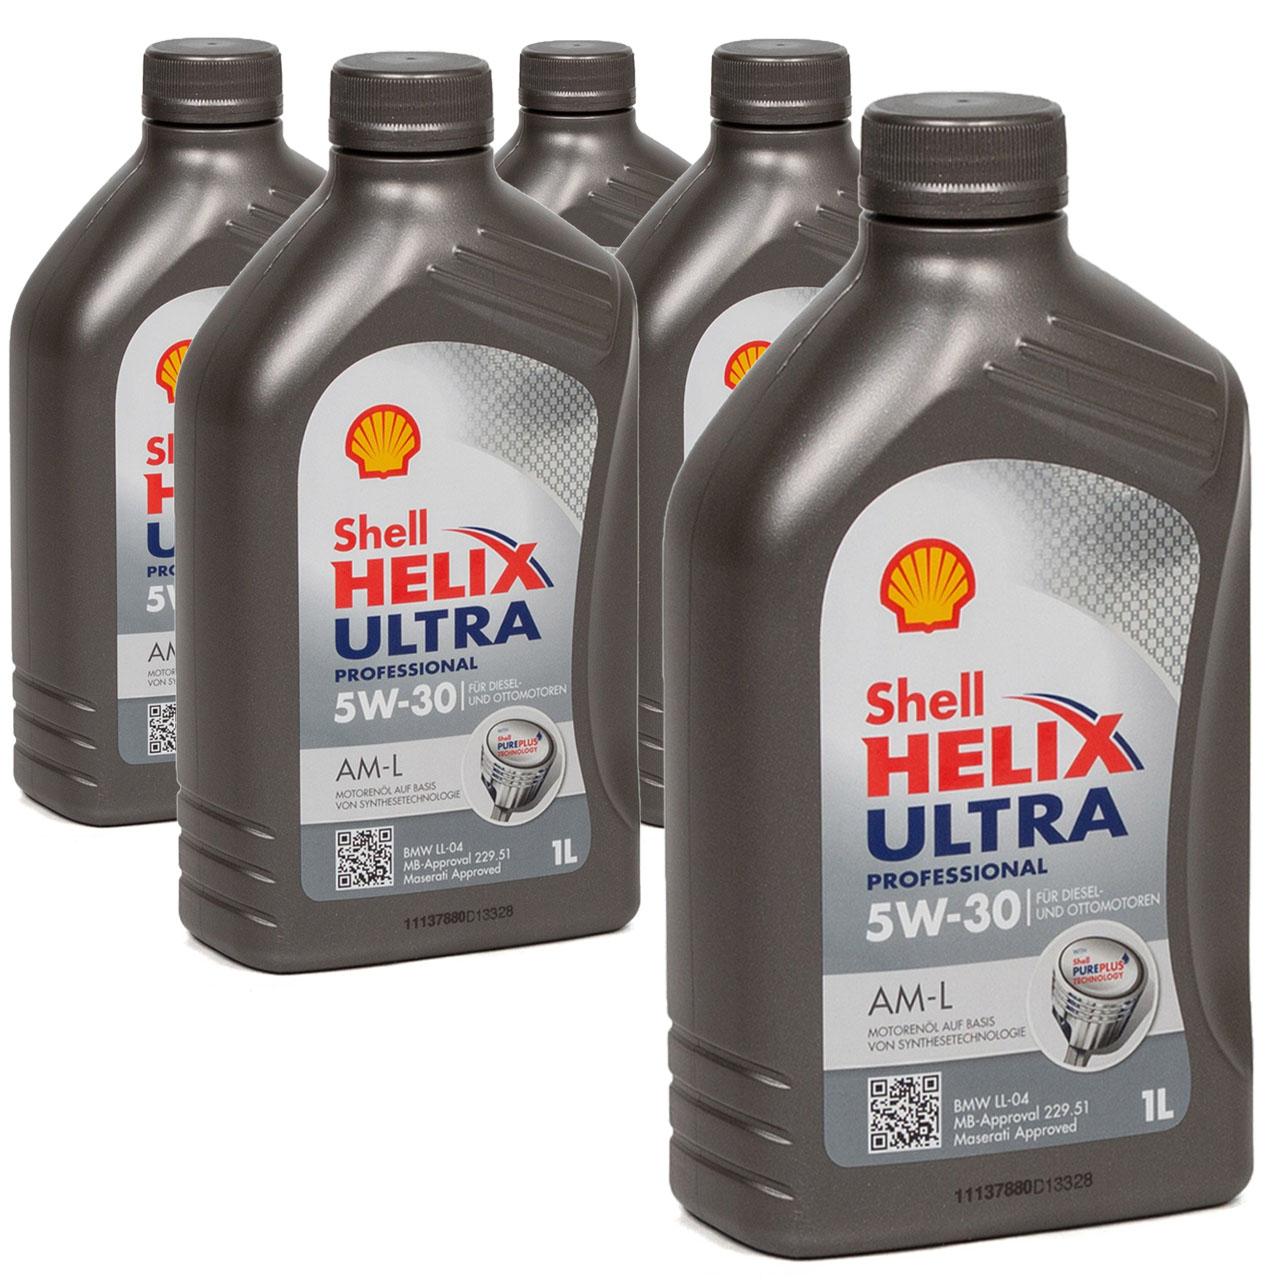 SHELL Motoröl Öl HELIX ULTRA Professional AM-L 5W30 für BMW LL-04 - 5L 5 Liter